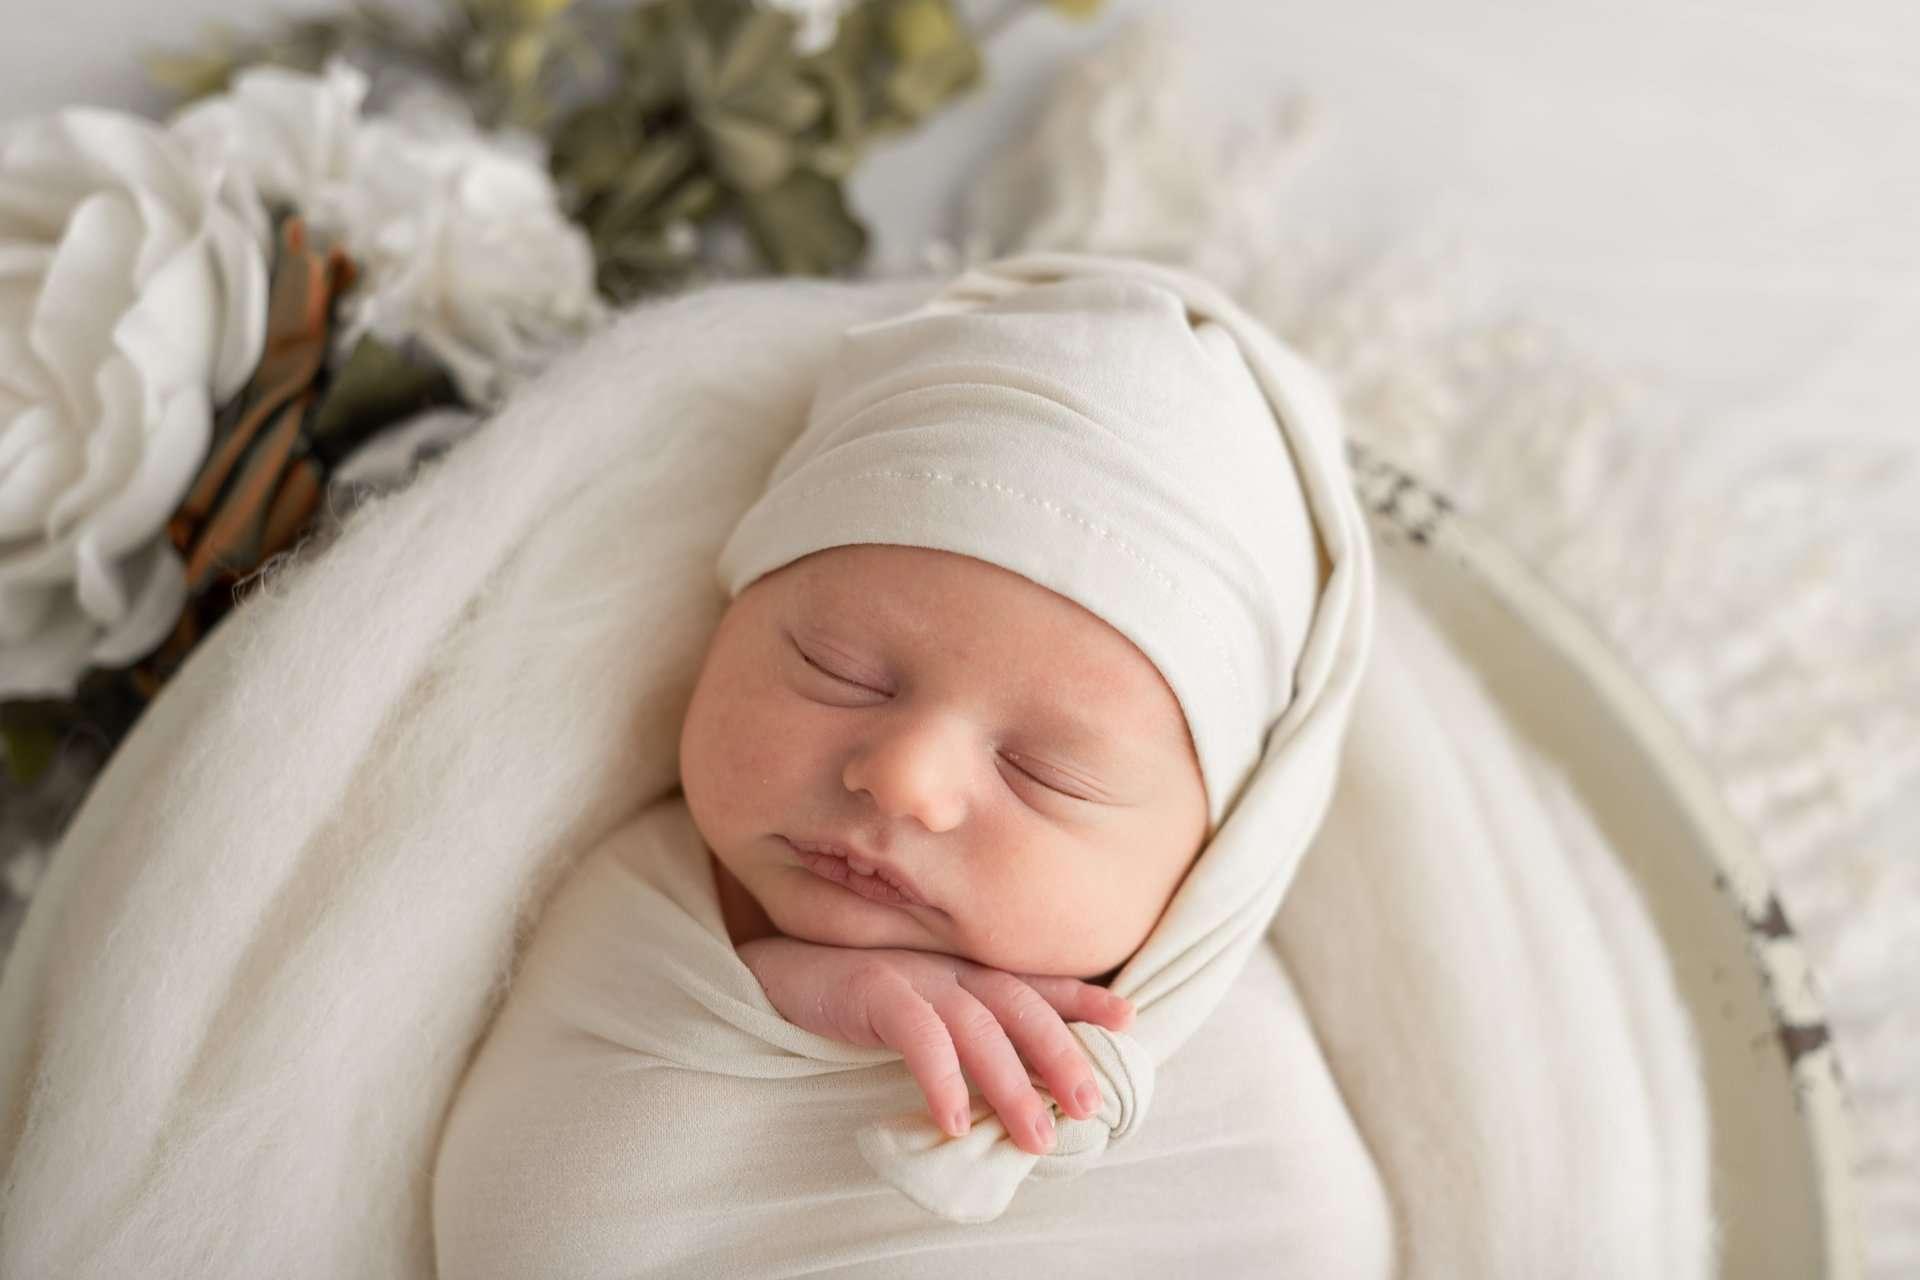 Fotografia neonato con cappellino in cesta